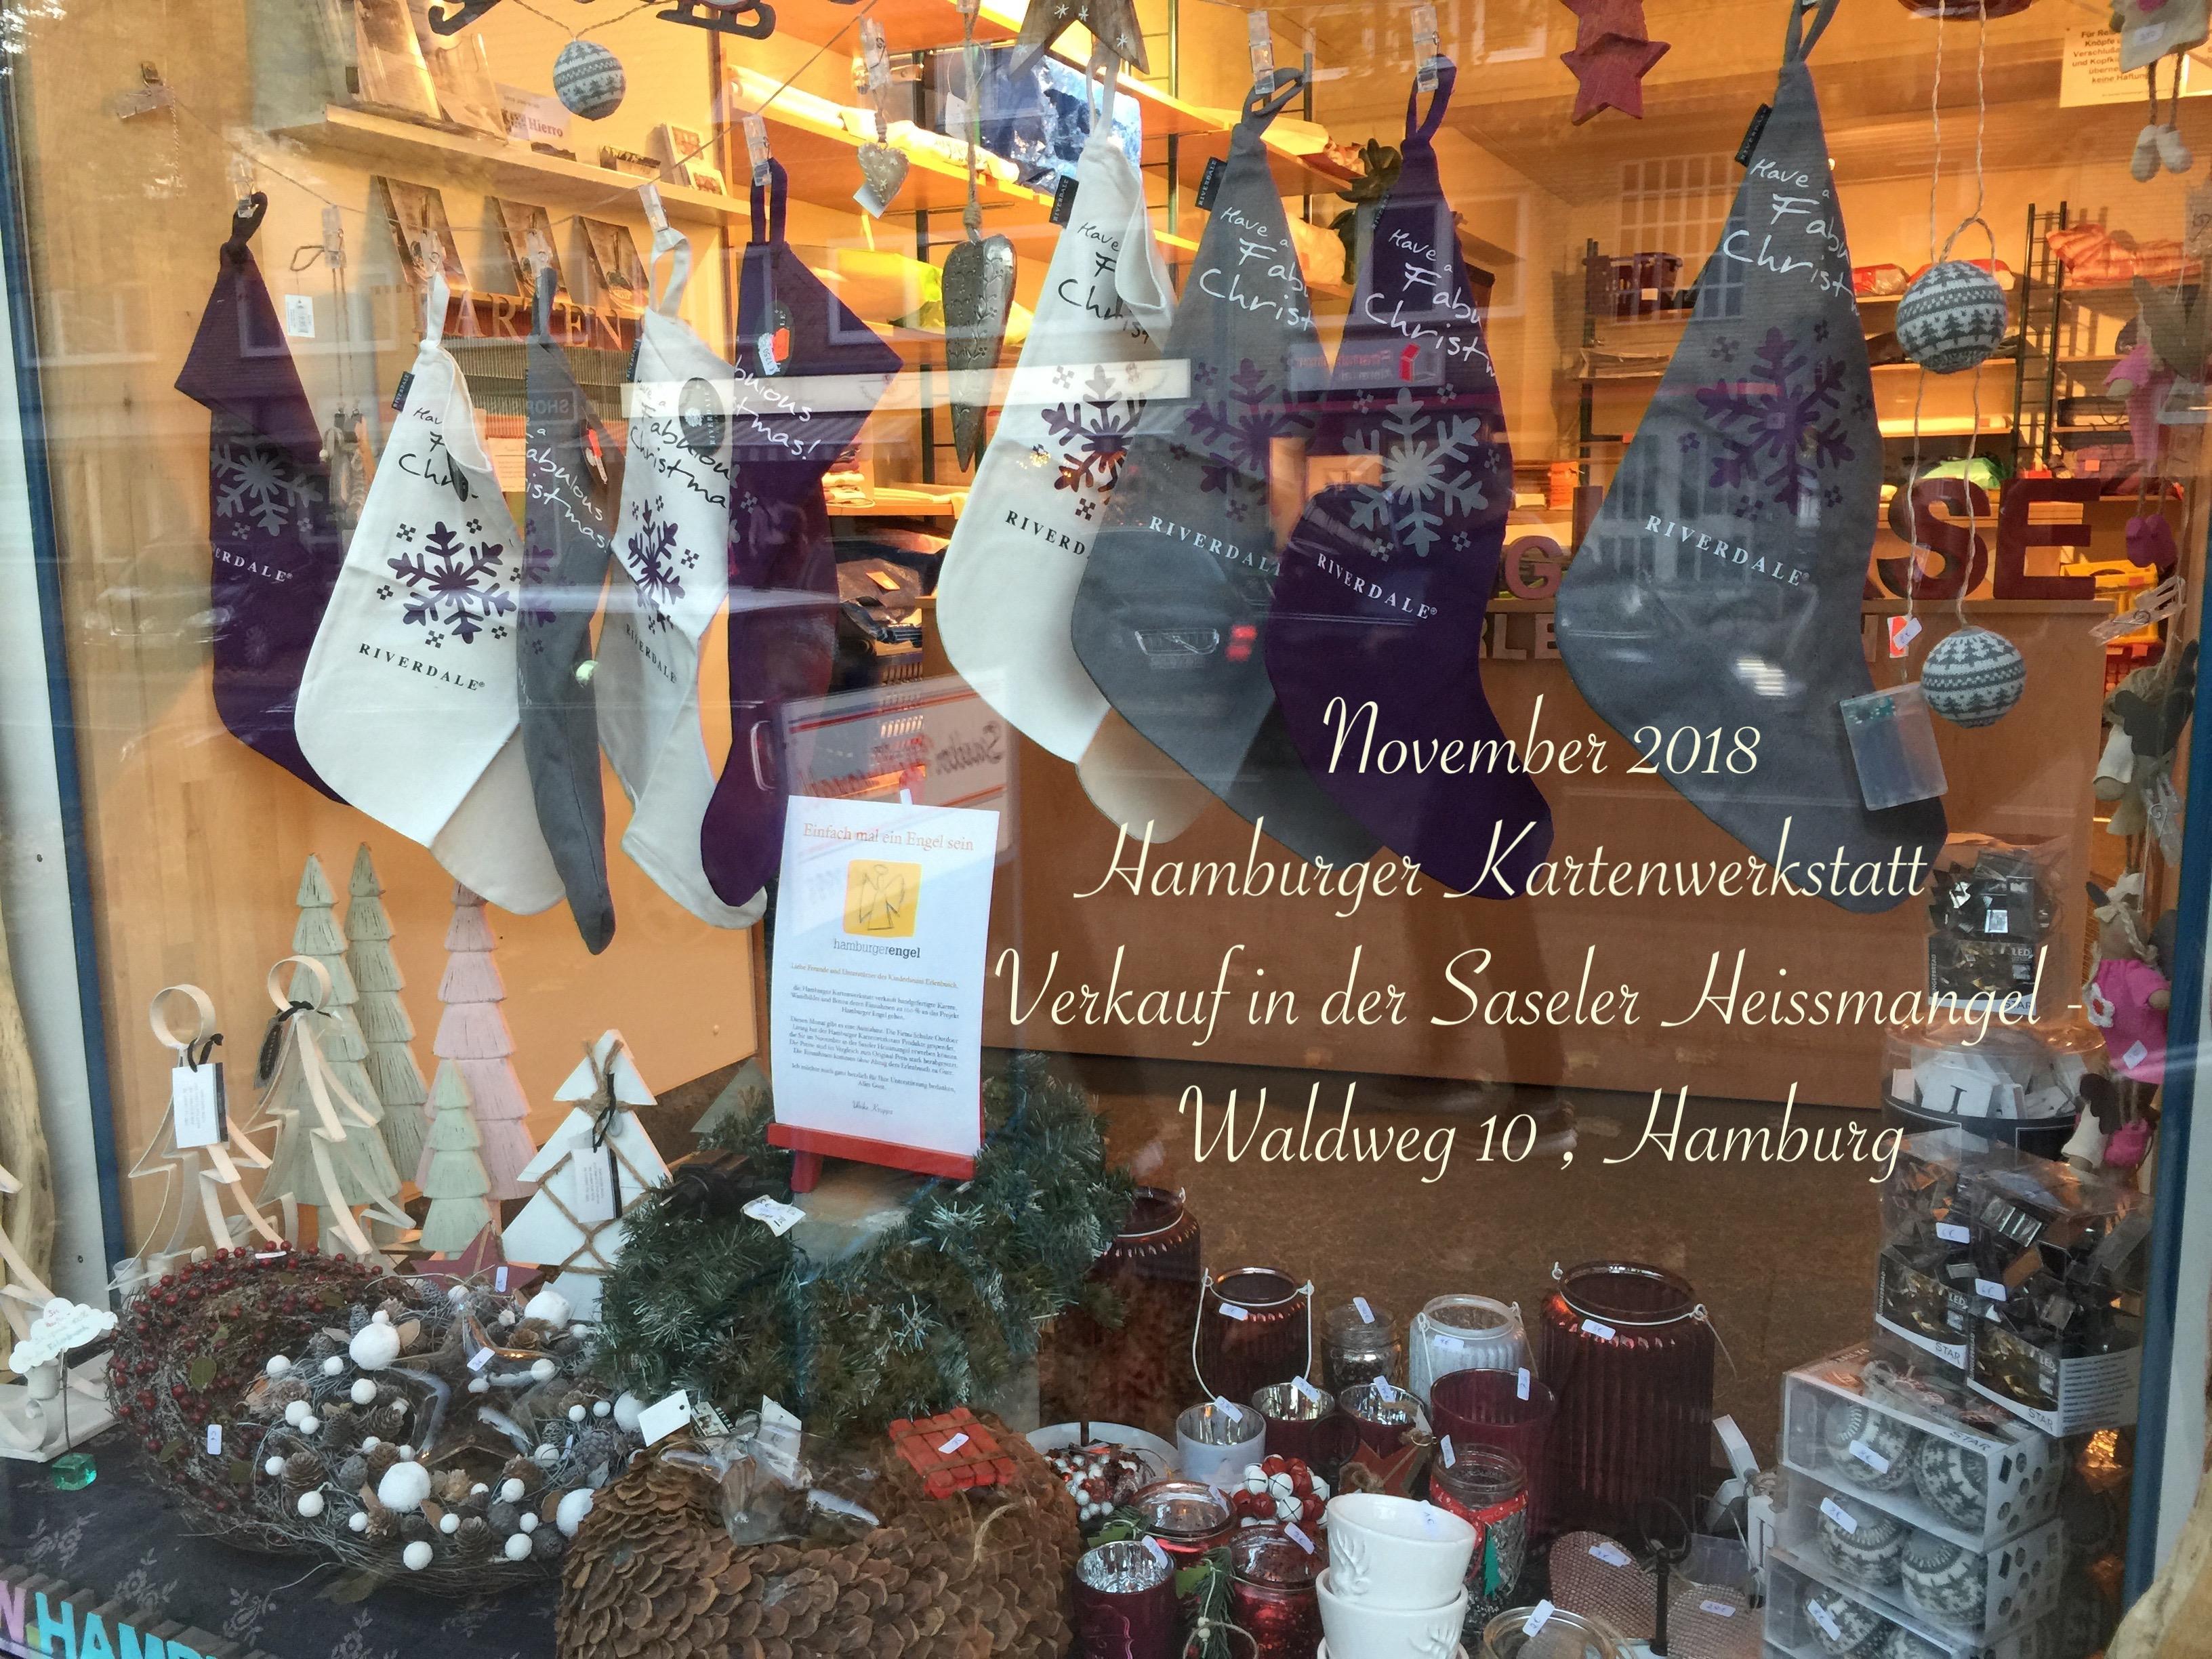 Schaufenster Saseler Heissmangel 11-2018